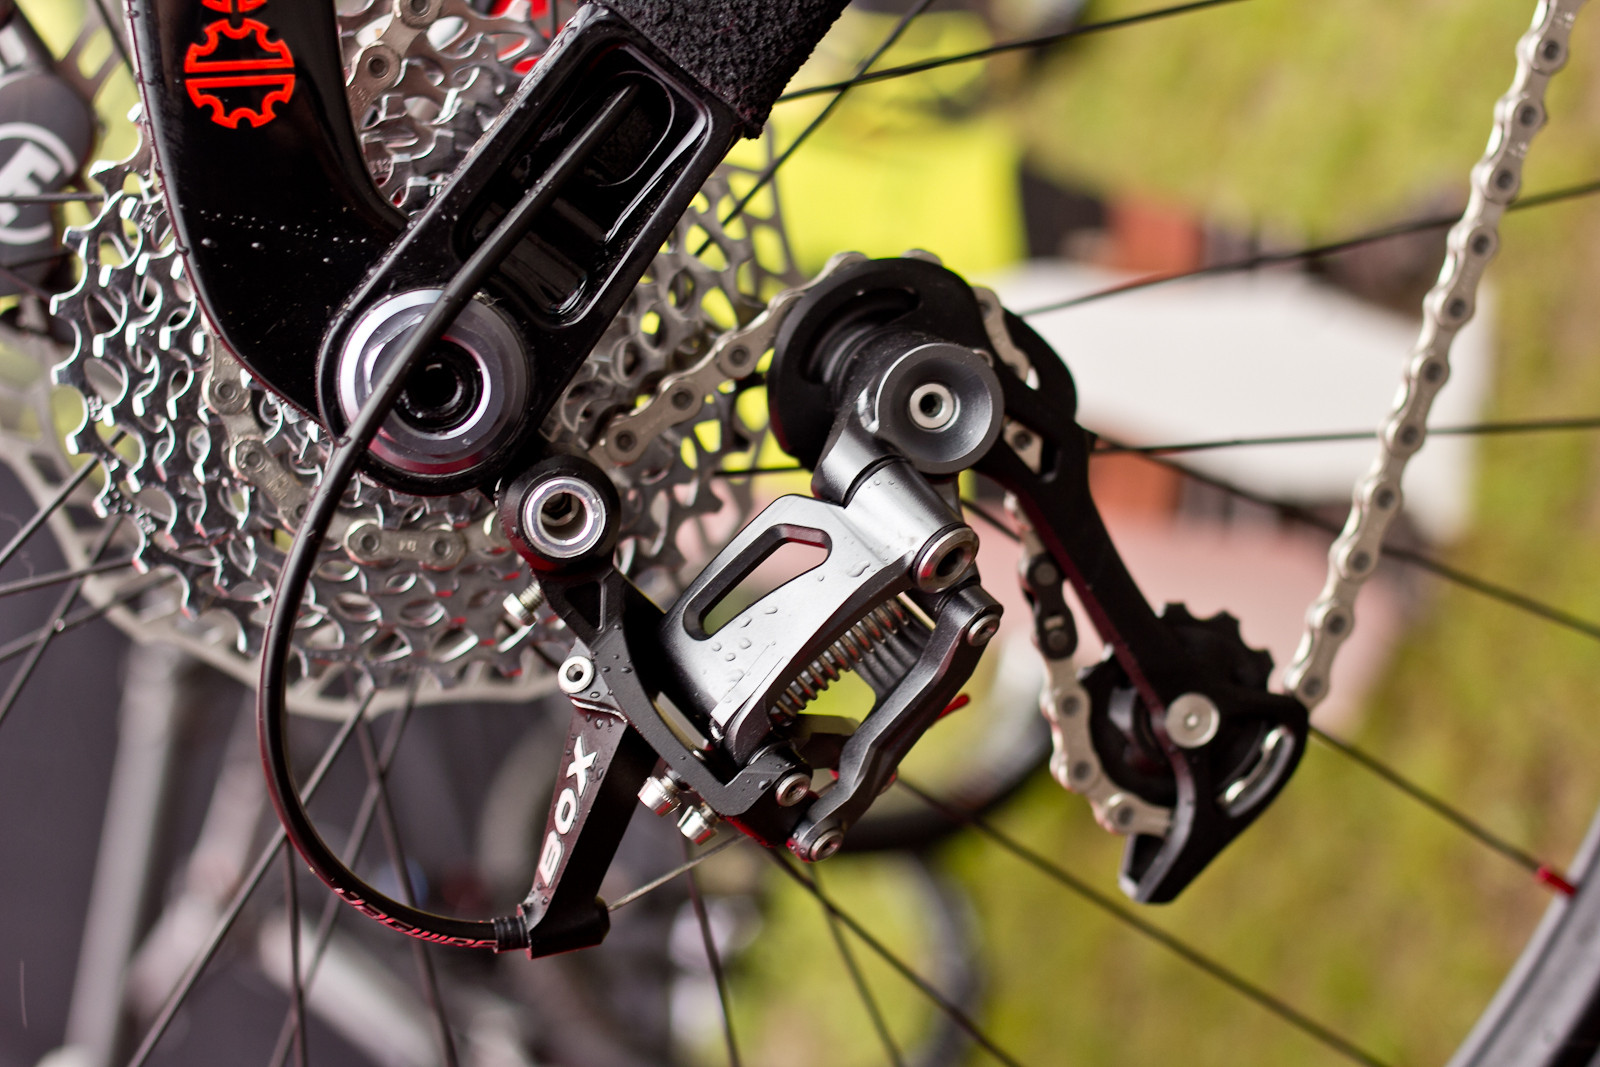 BOX Components Rear Derailleur - 2015 Mountain Bike Components at Eurobike 2014 - Mountain Biking Pictures - Vital MTB